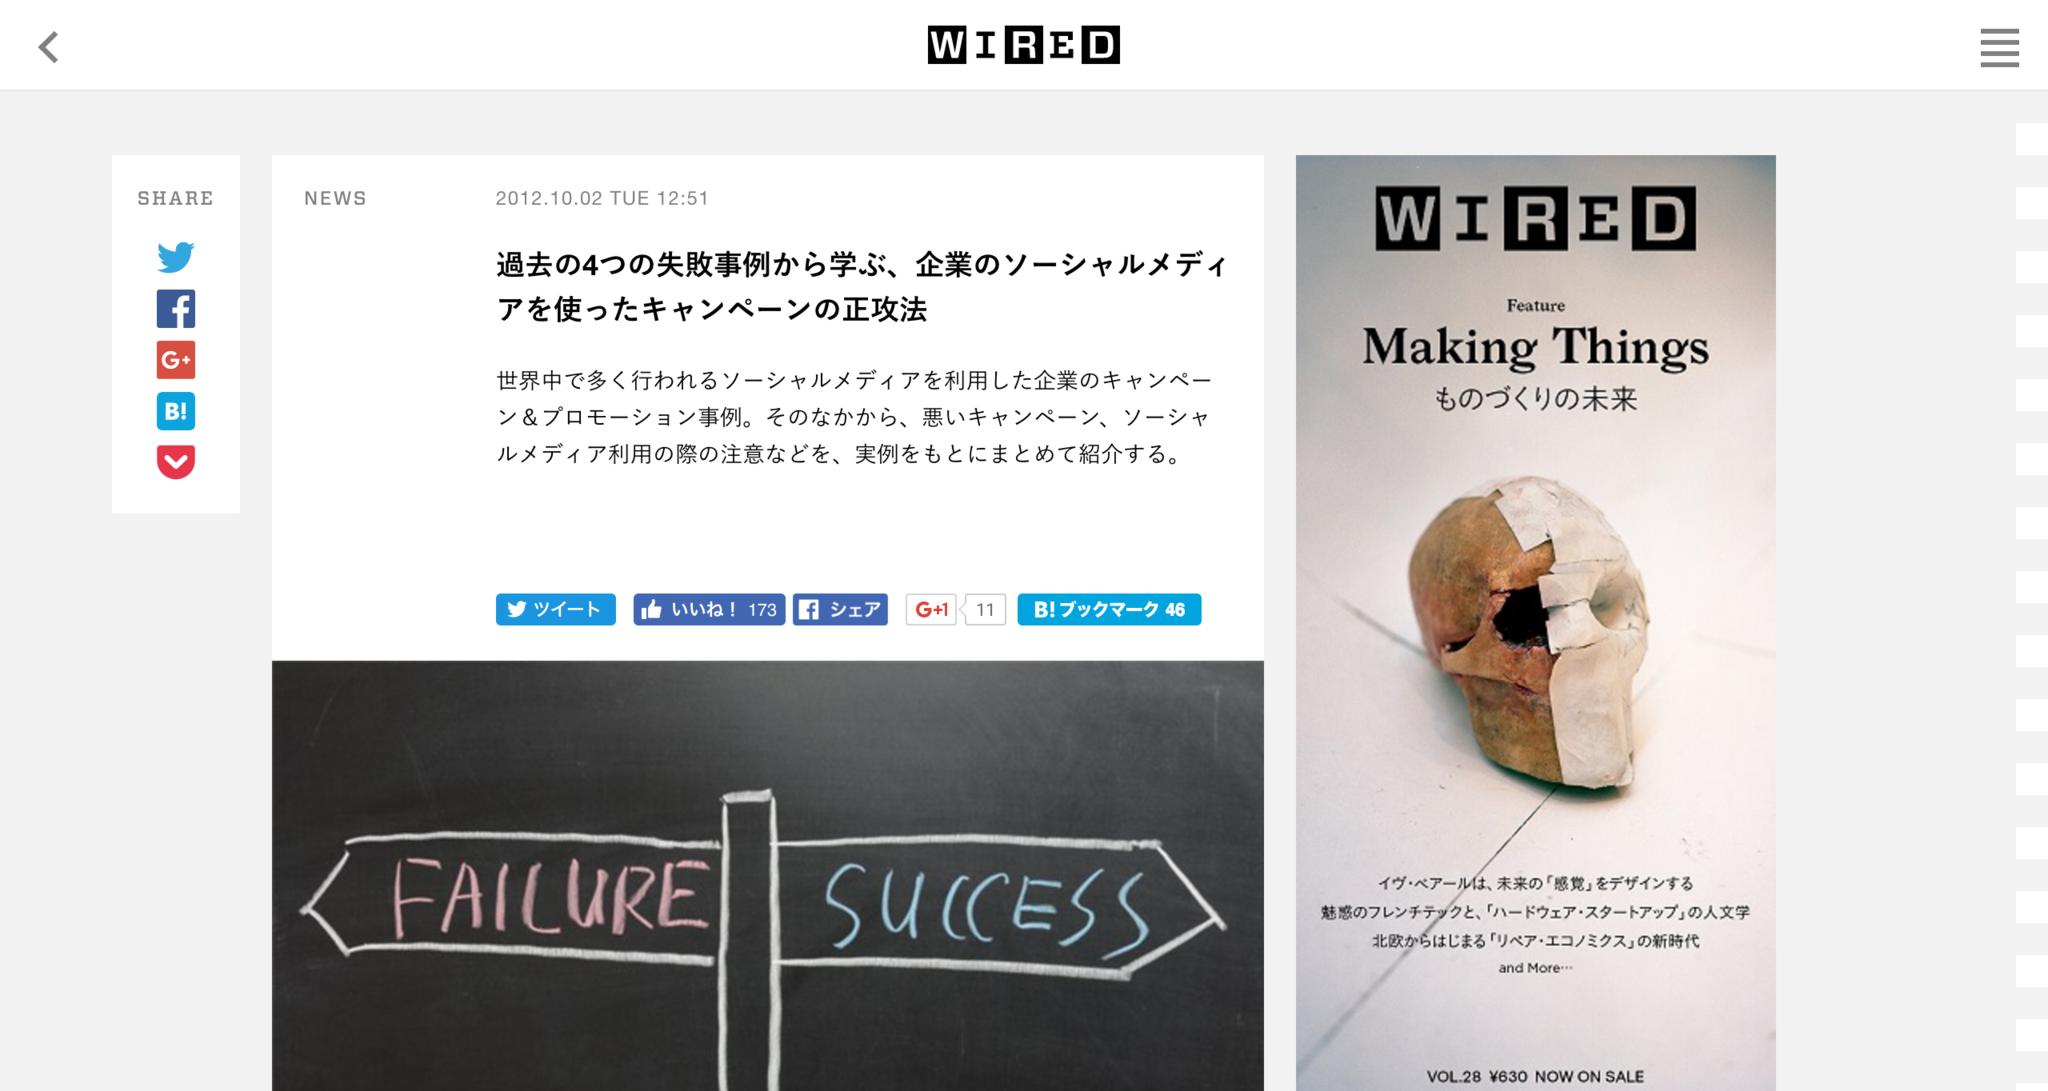 過去の4つの失敗事例から学ぶ、企業のソーシャルメディアを使ったキャンペーンの正攻法|WIRED.jp.png